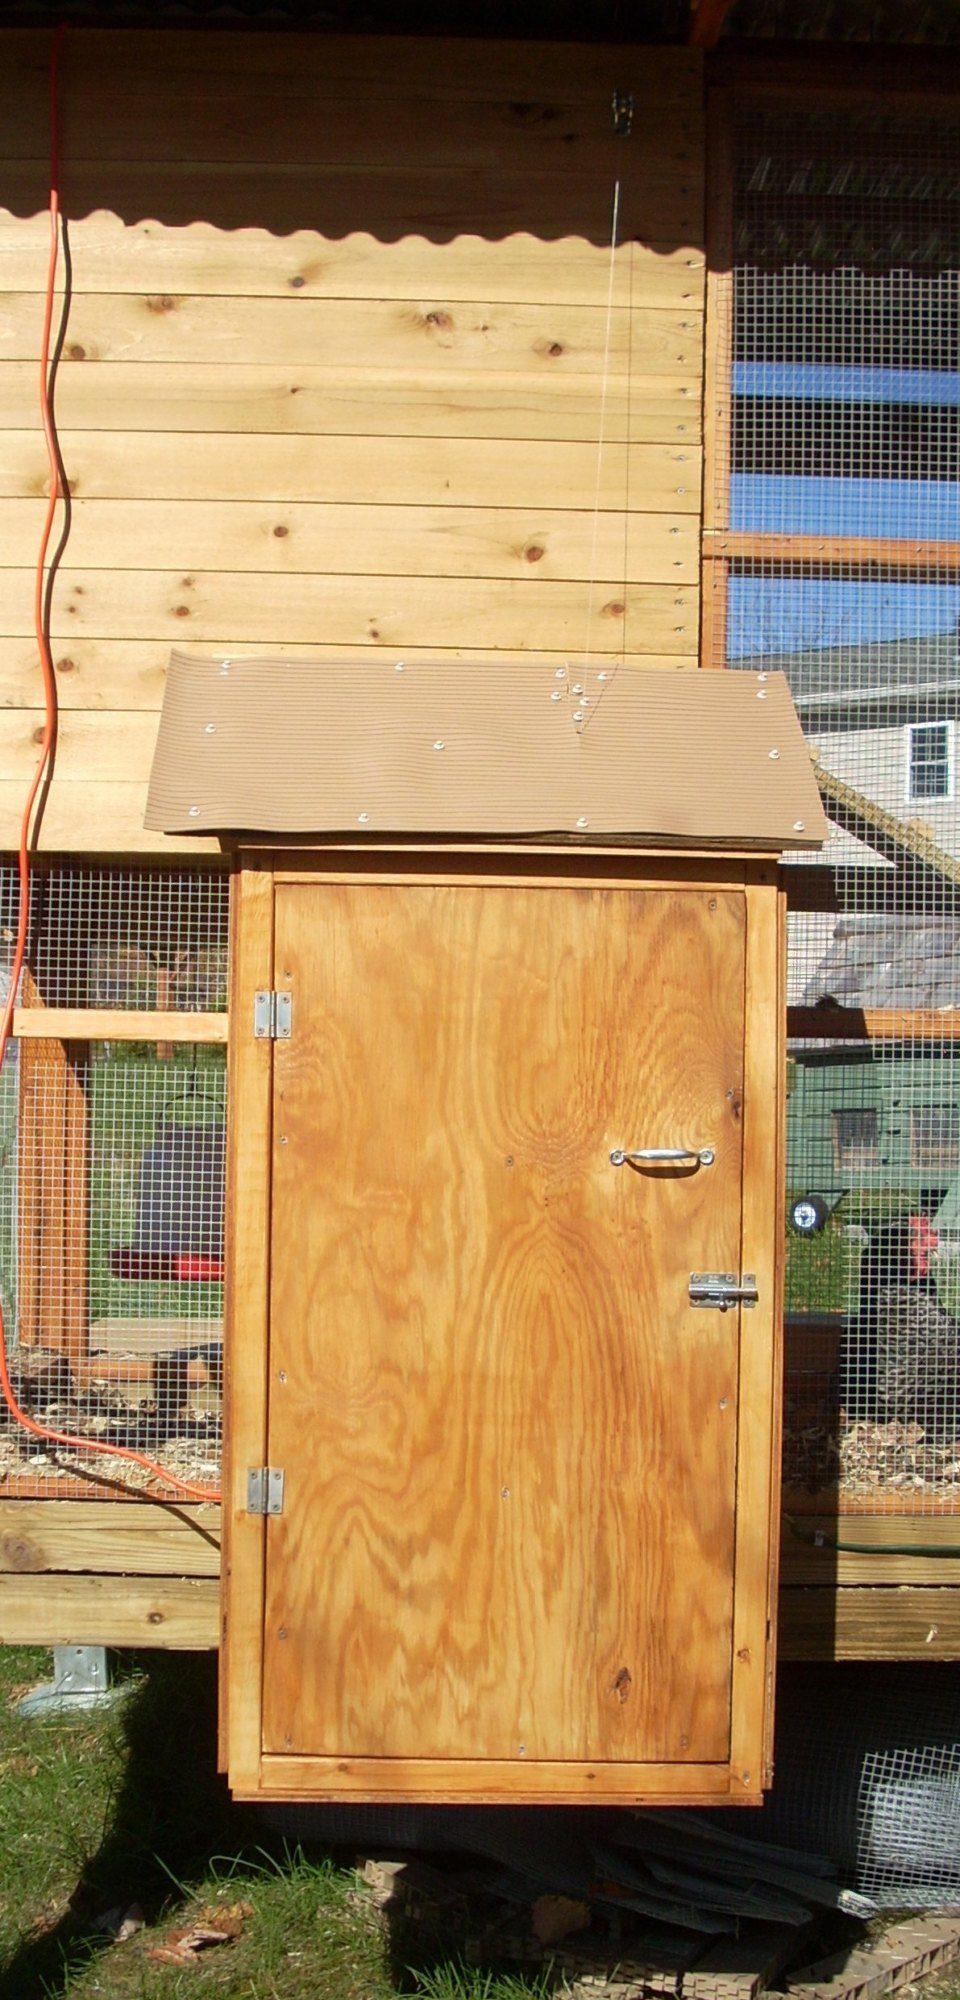 My Diy Automatic Chicken Pop Door Opener Closer